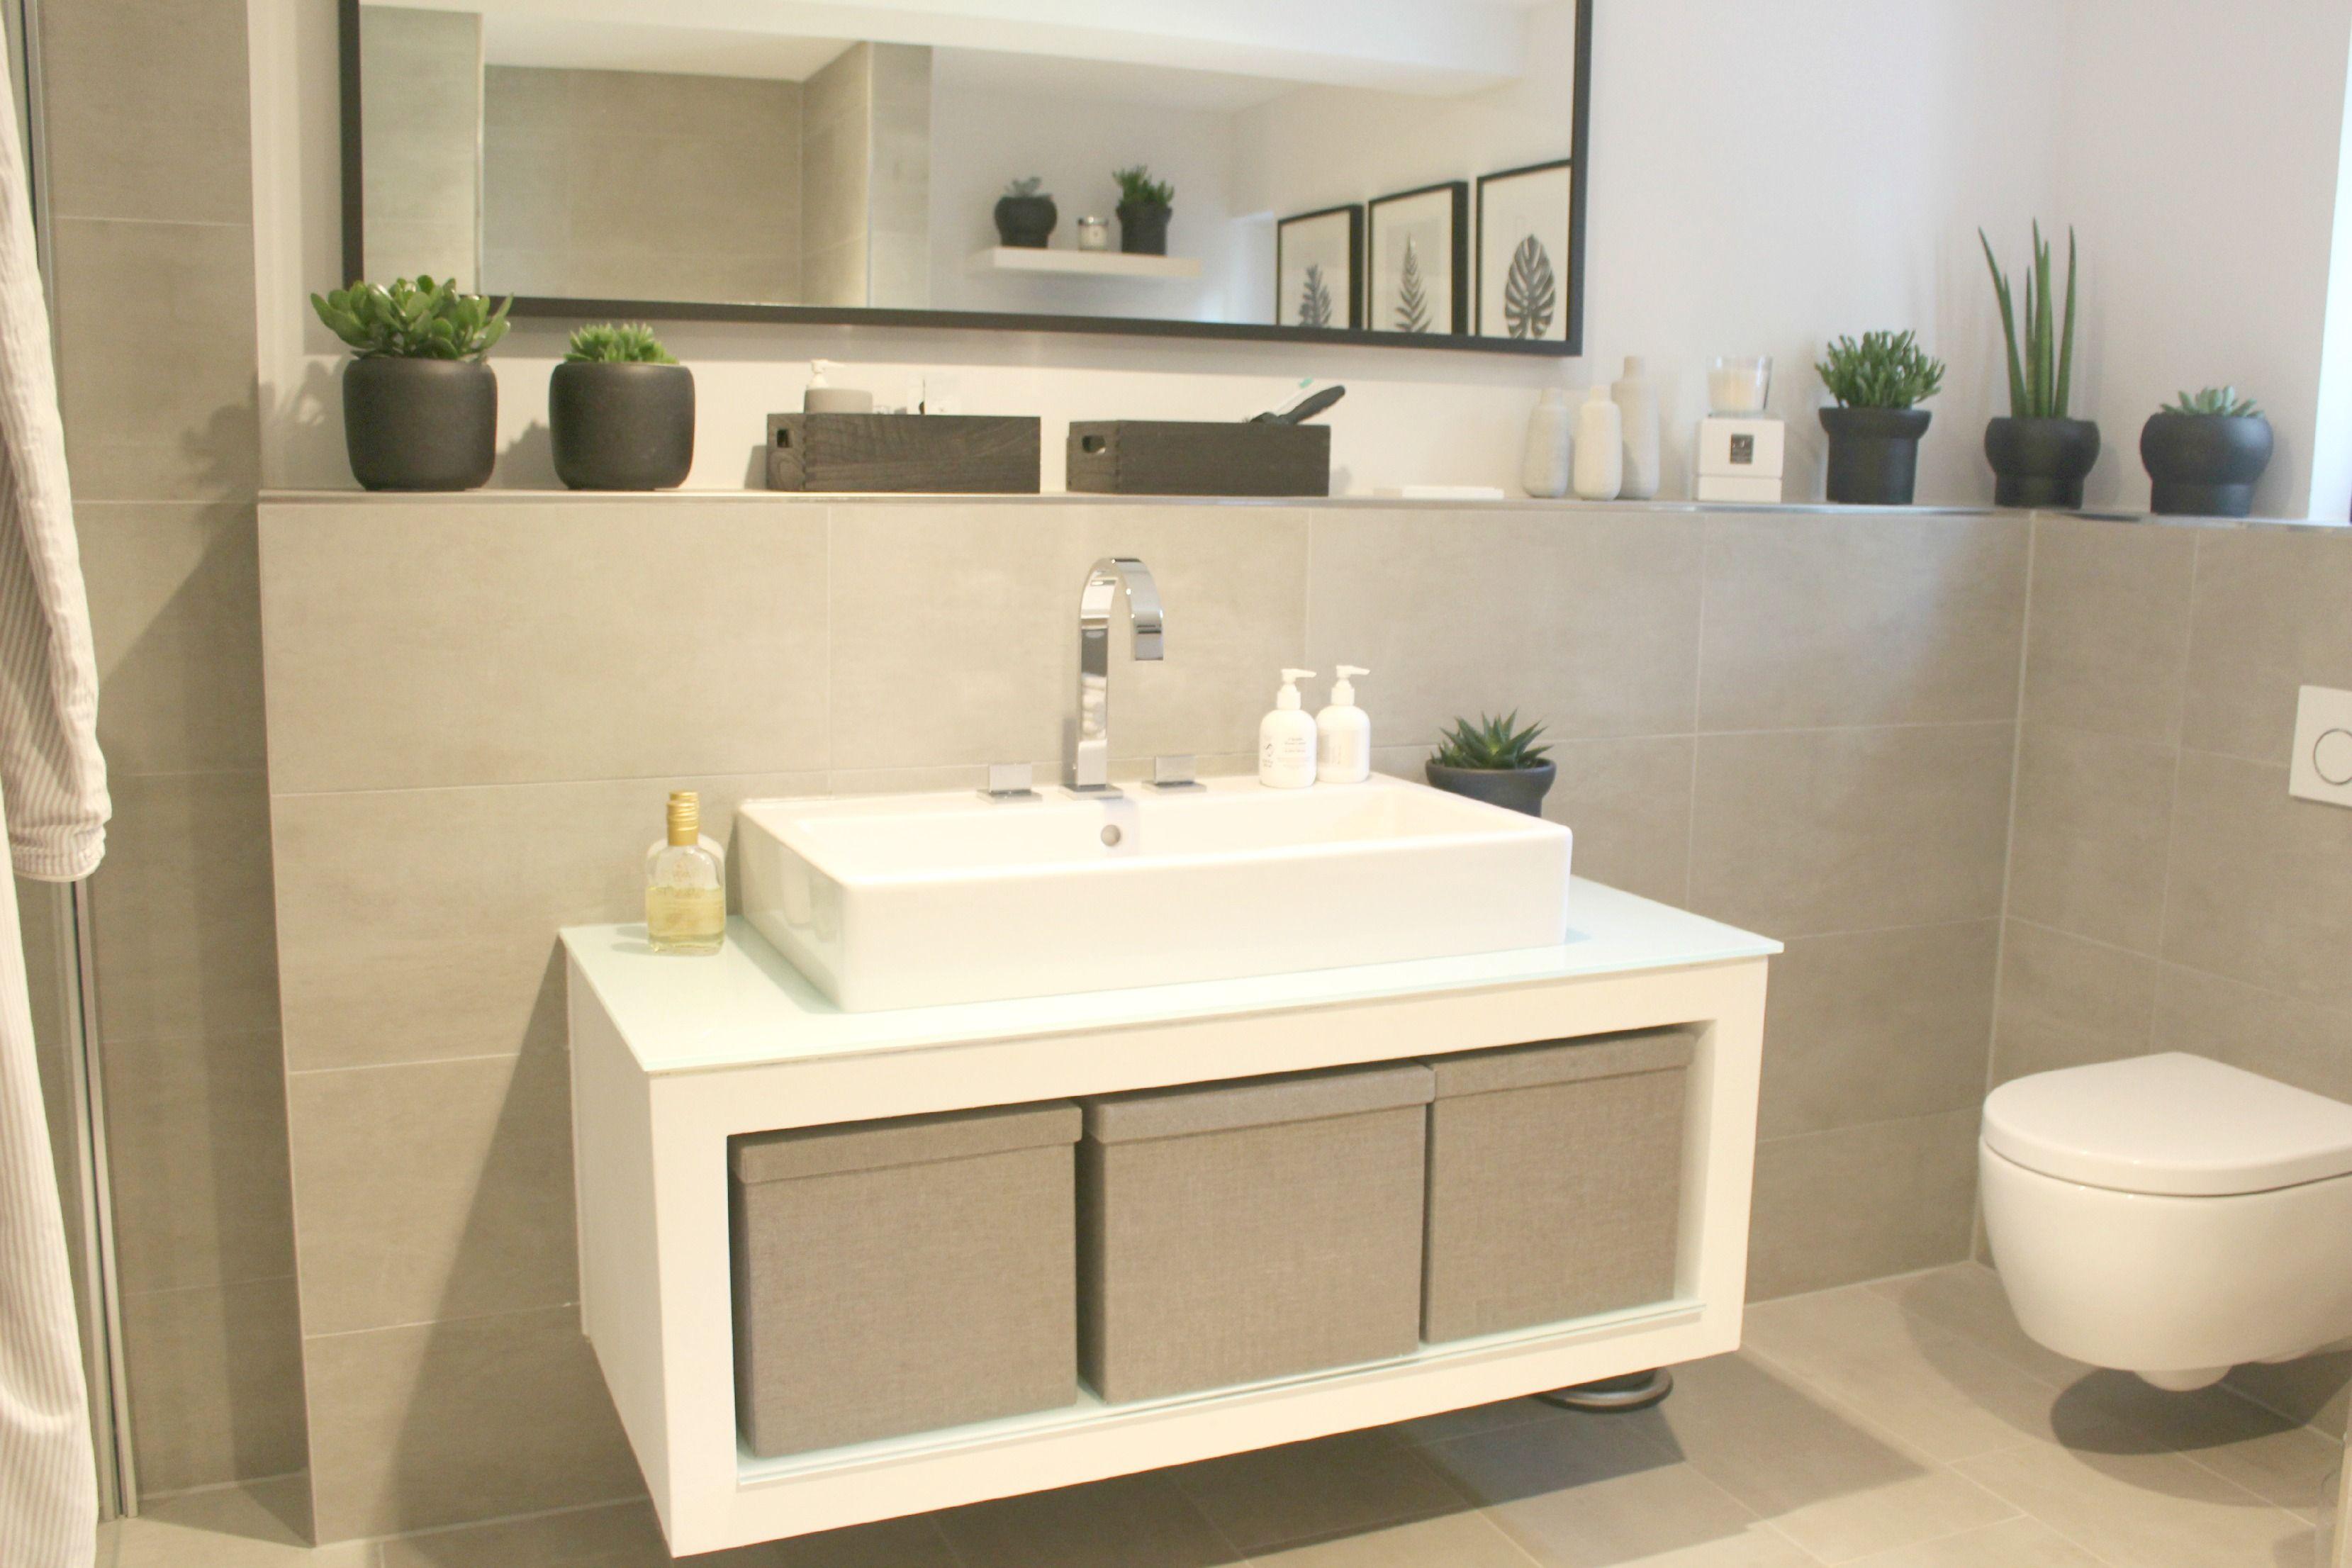 Badezimmer fliesen design von kajaria sandra fusen herbertf on pinterest